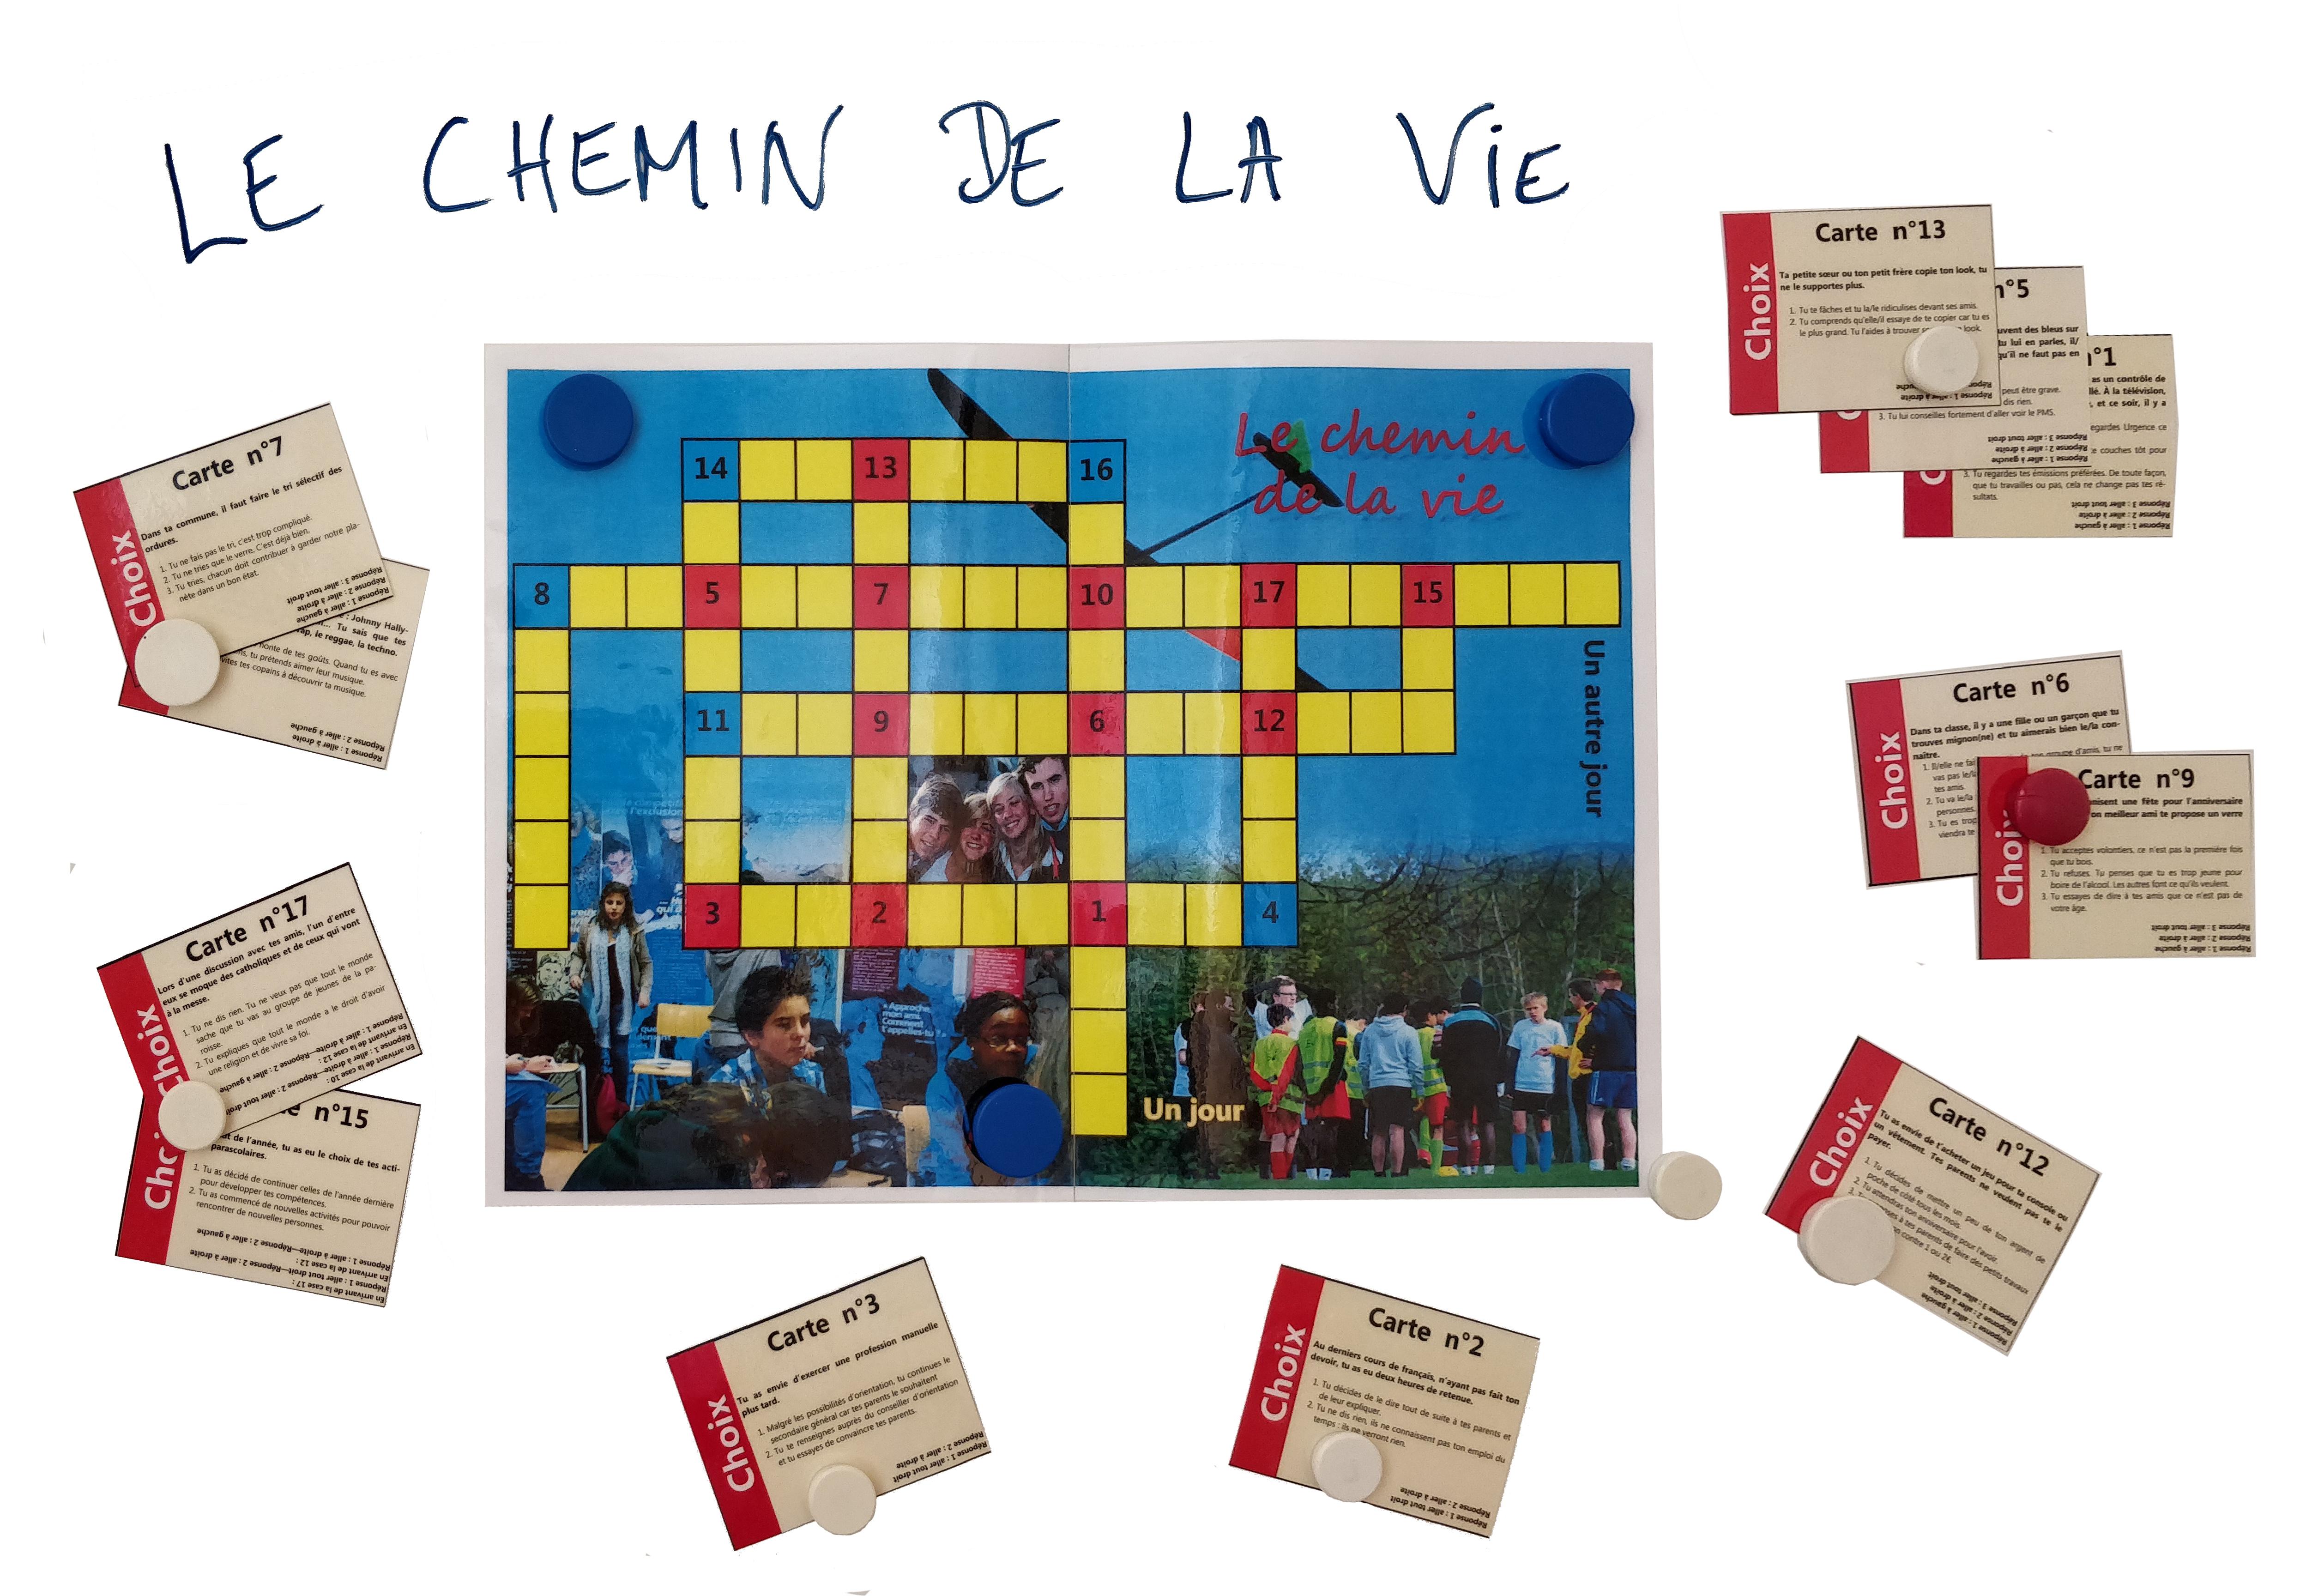 b5-i184-le-chemin-de-la-vie-3-4-5-19